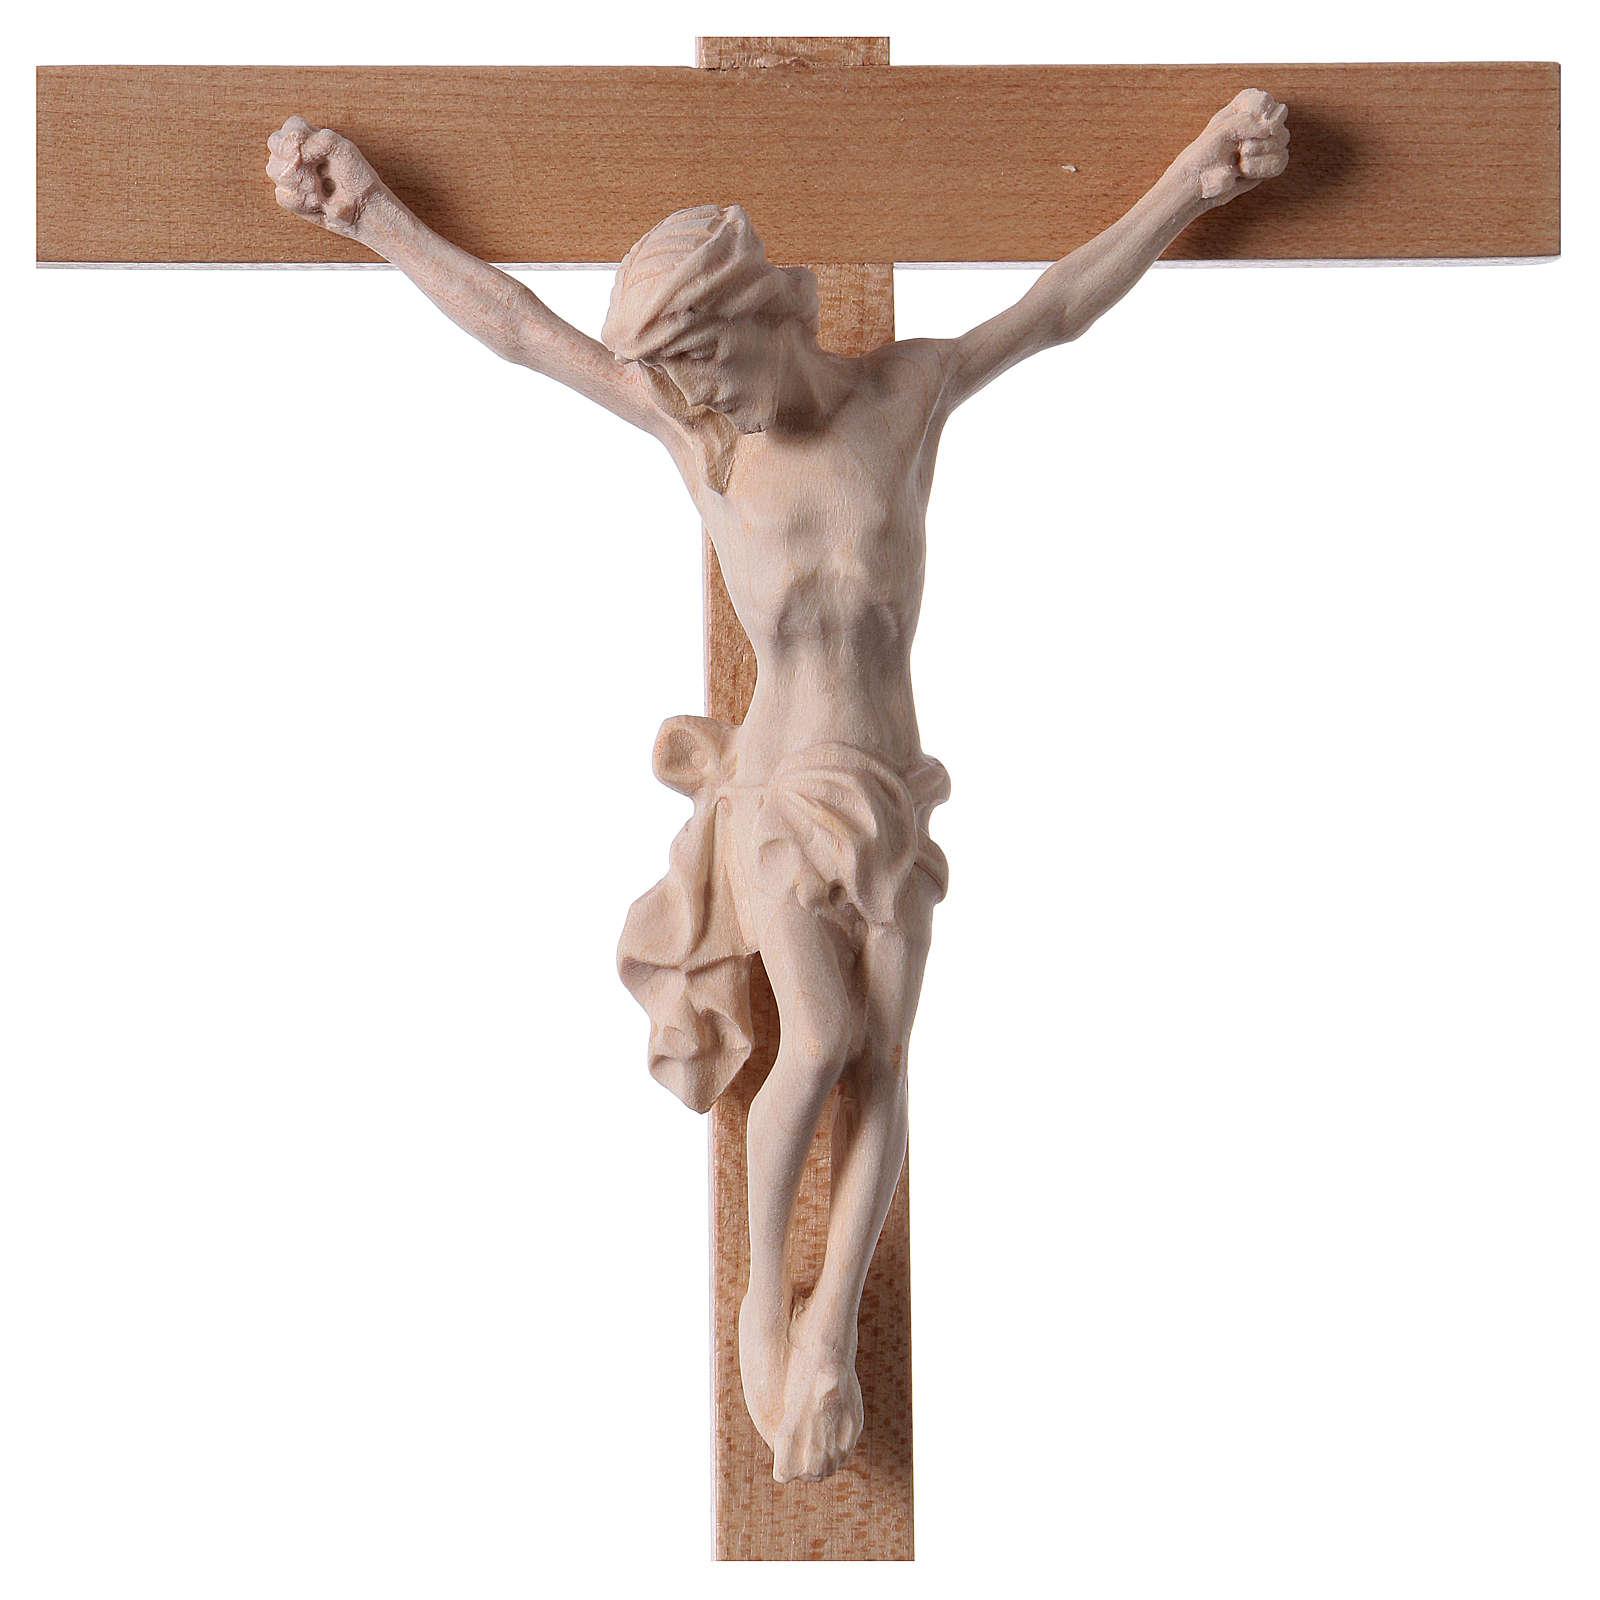 Crocefisso su croce legno naturale 4